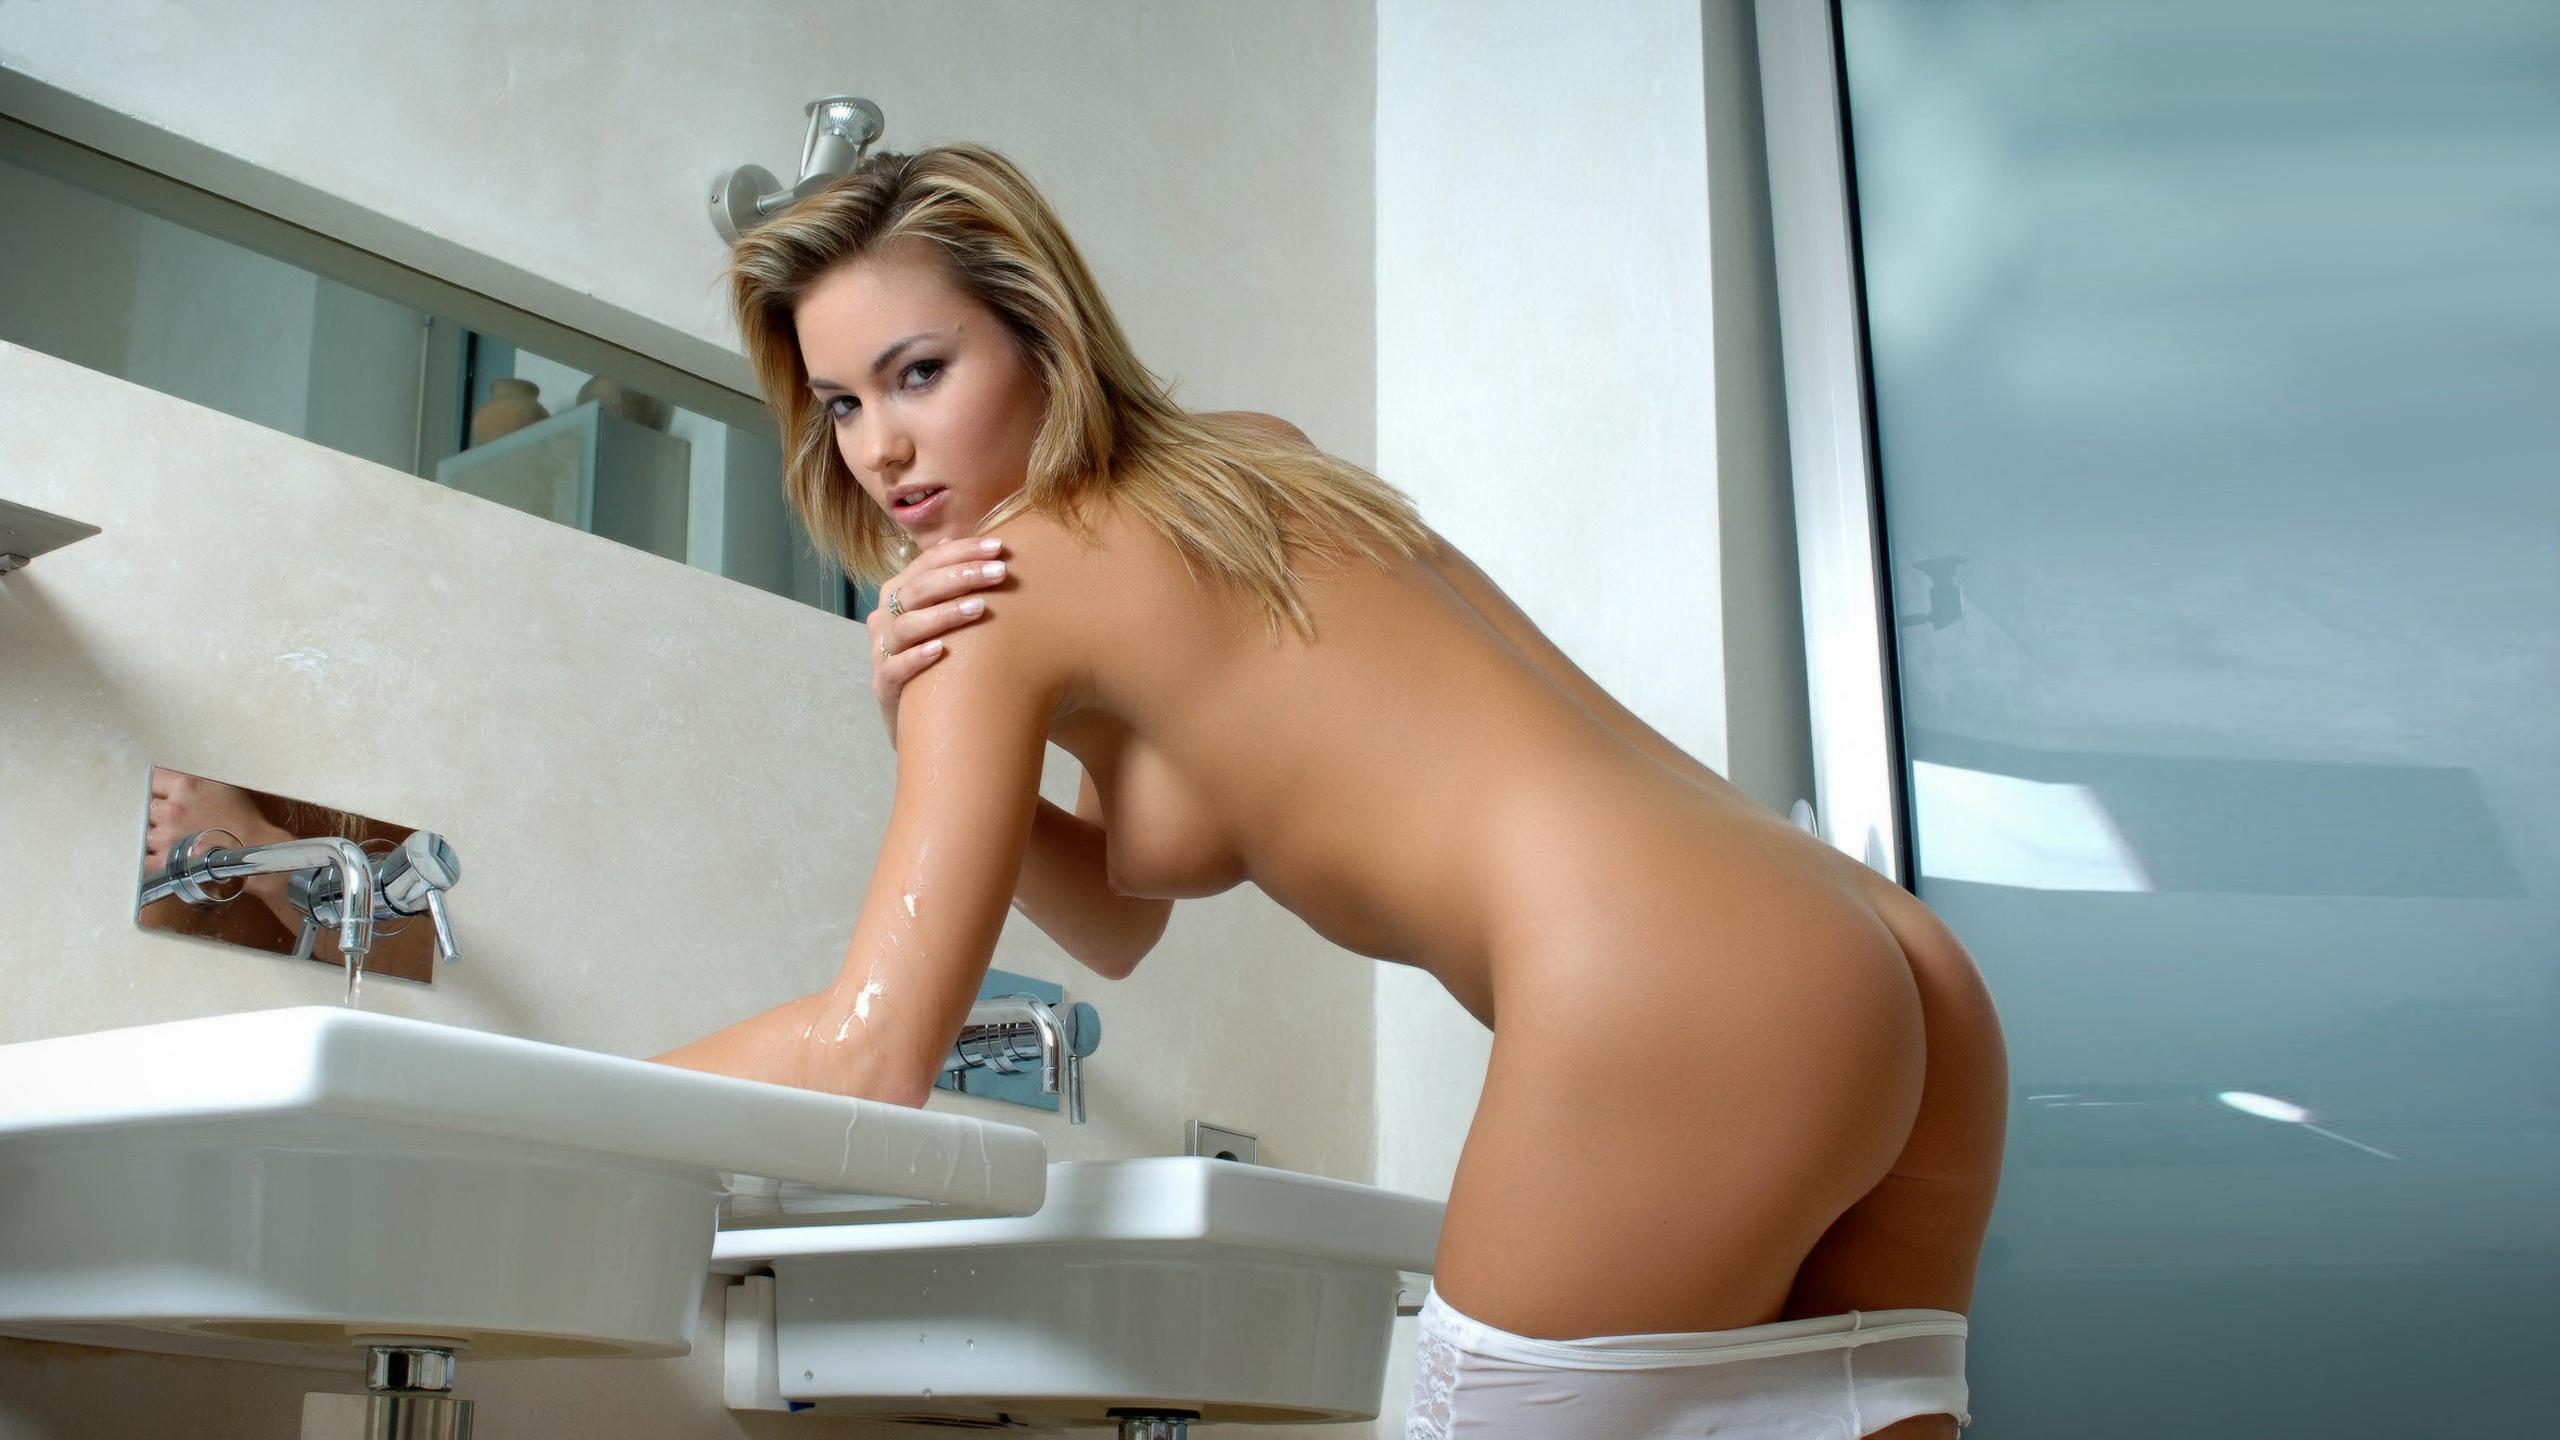 Самая сексуальня девушка 19 фотография